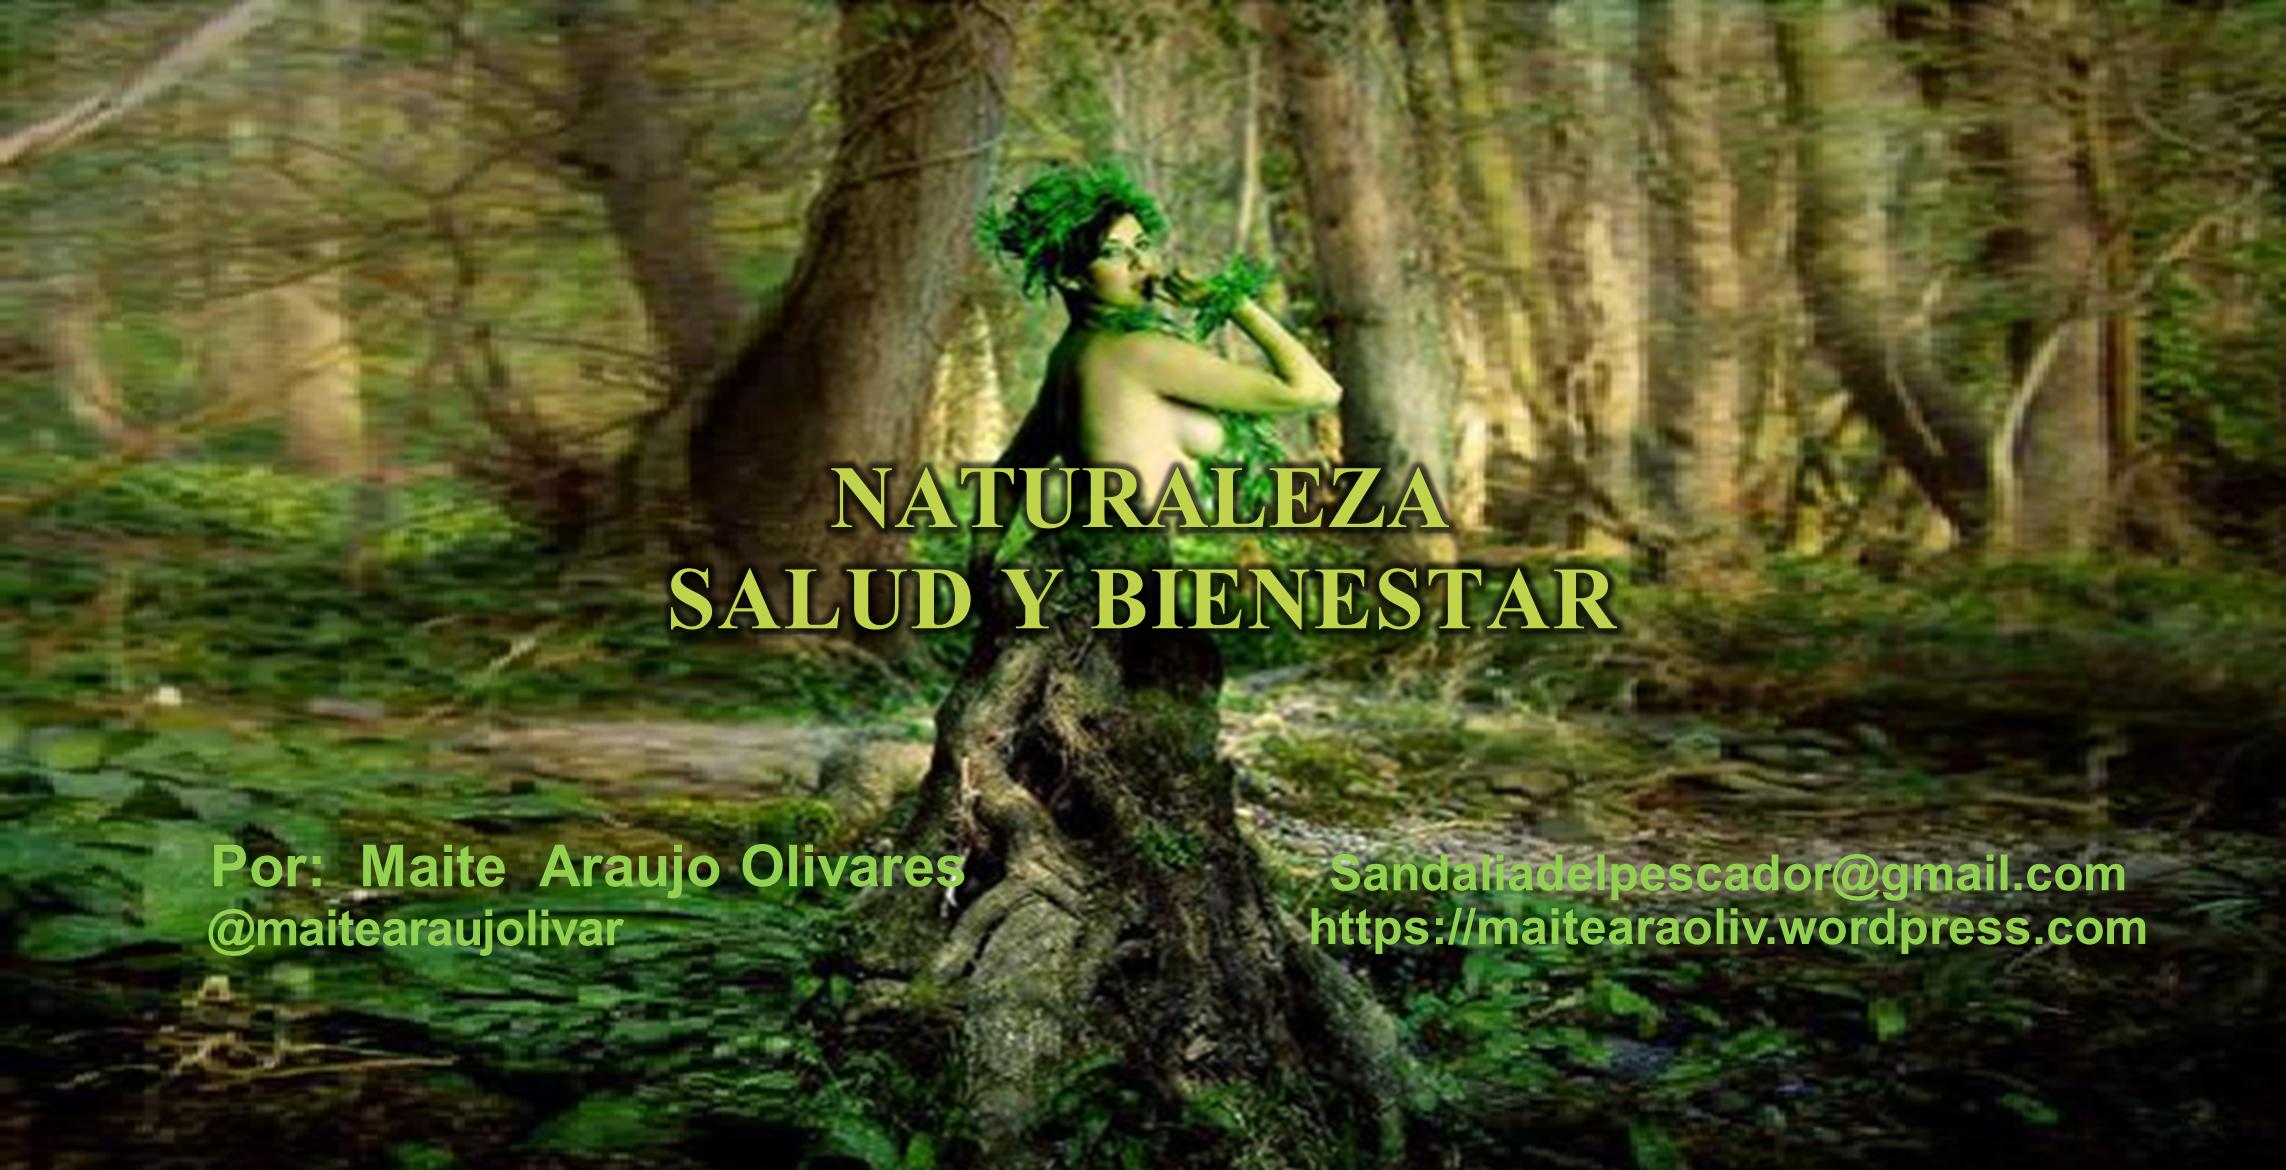 Maite Araujo Olivares: Hoy recordamos la Naturaleza y la Vida Silvestre en su día